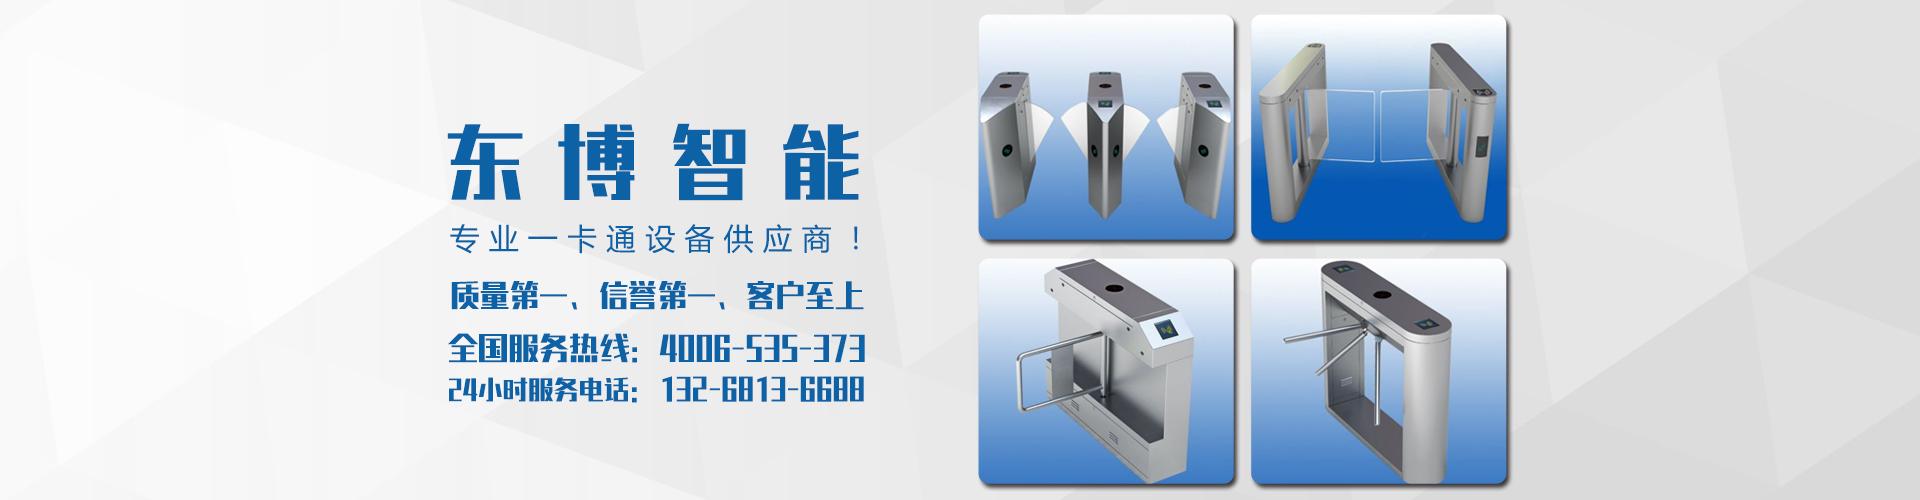 廣州停車場系統